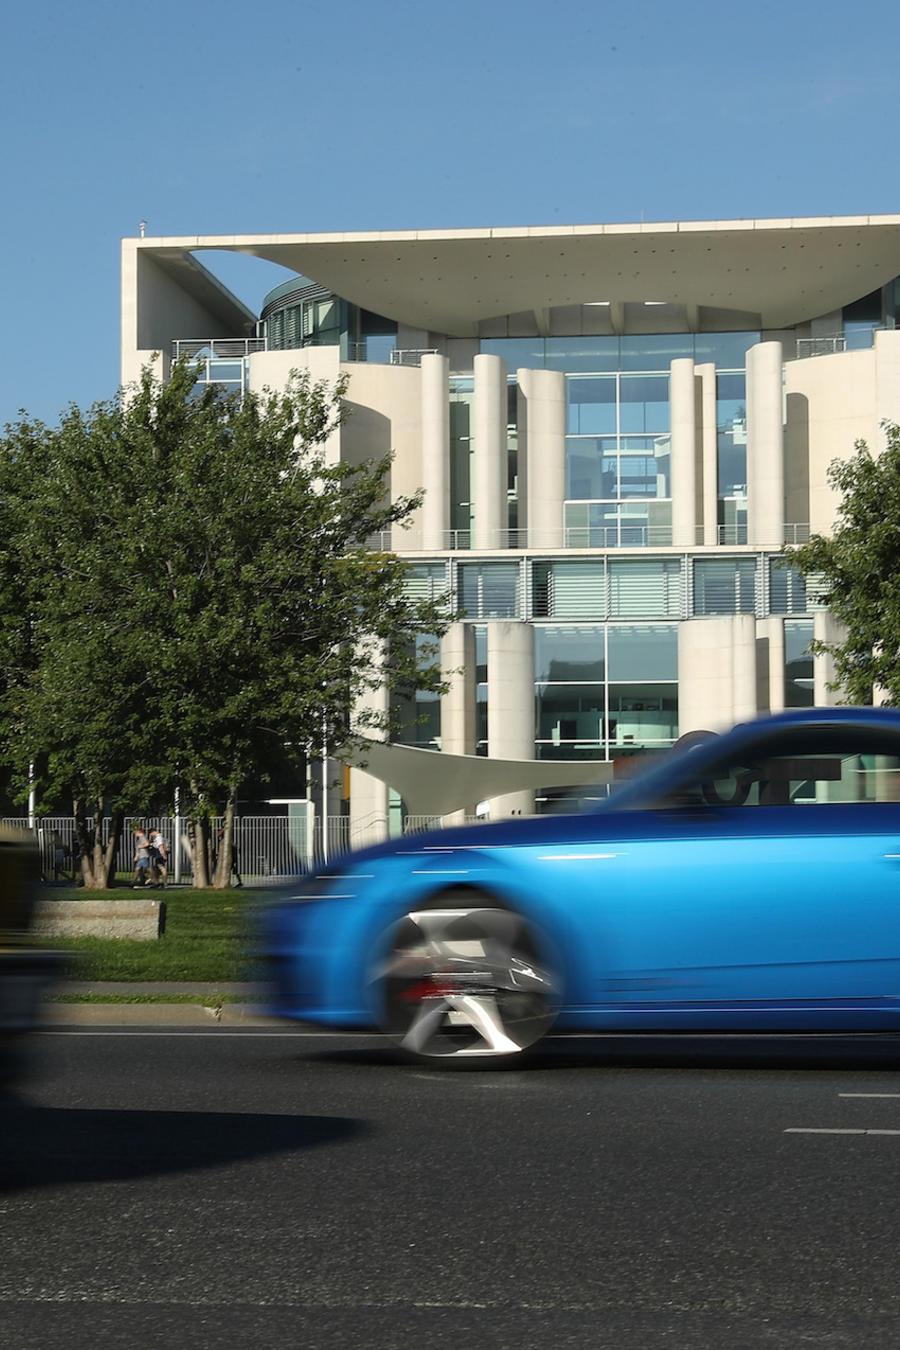 Imagen de archivo de automóviles en Berlín (Alemania).